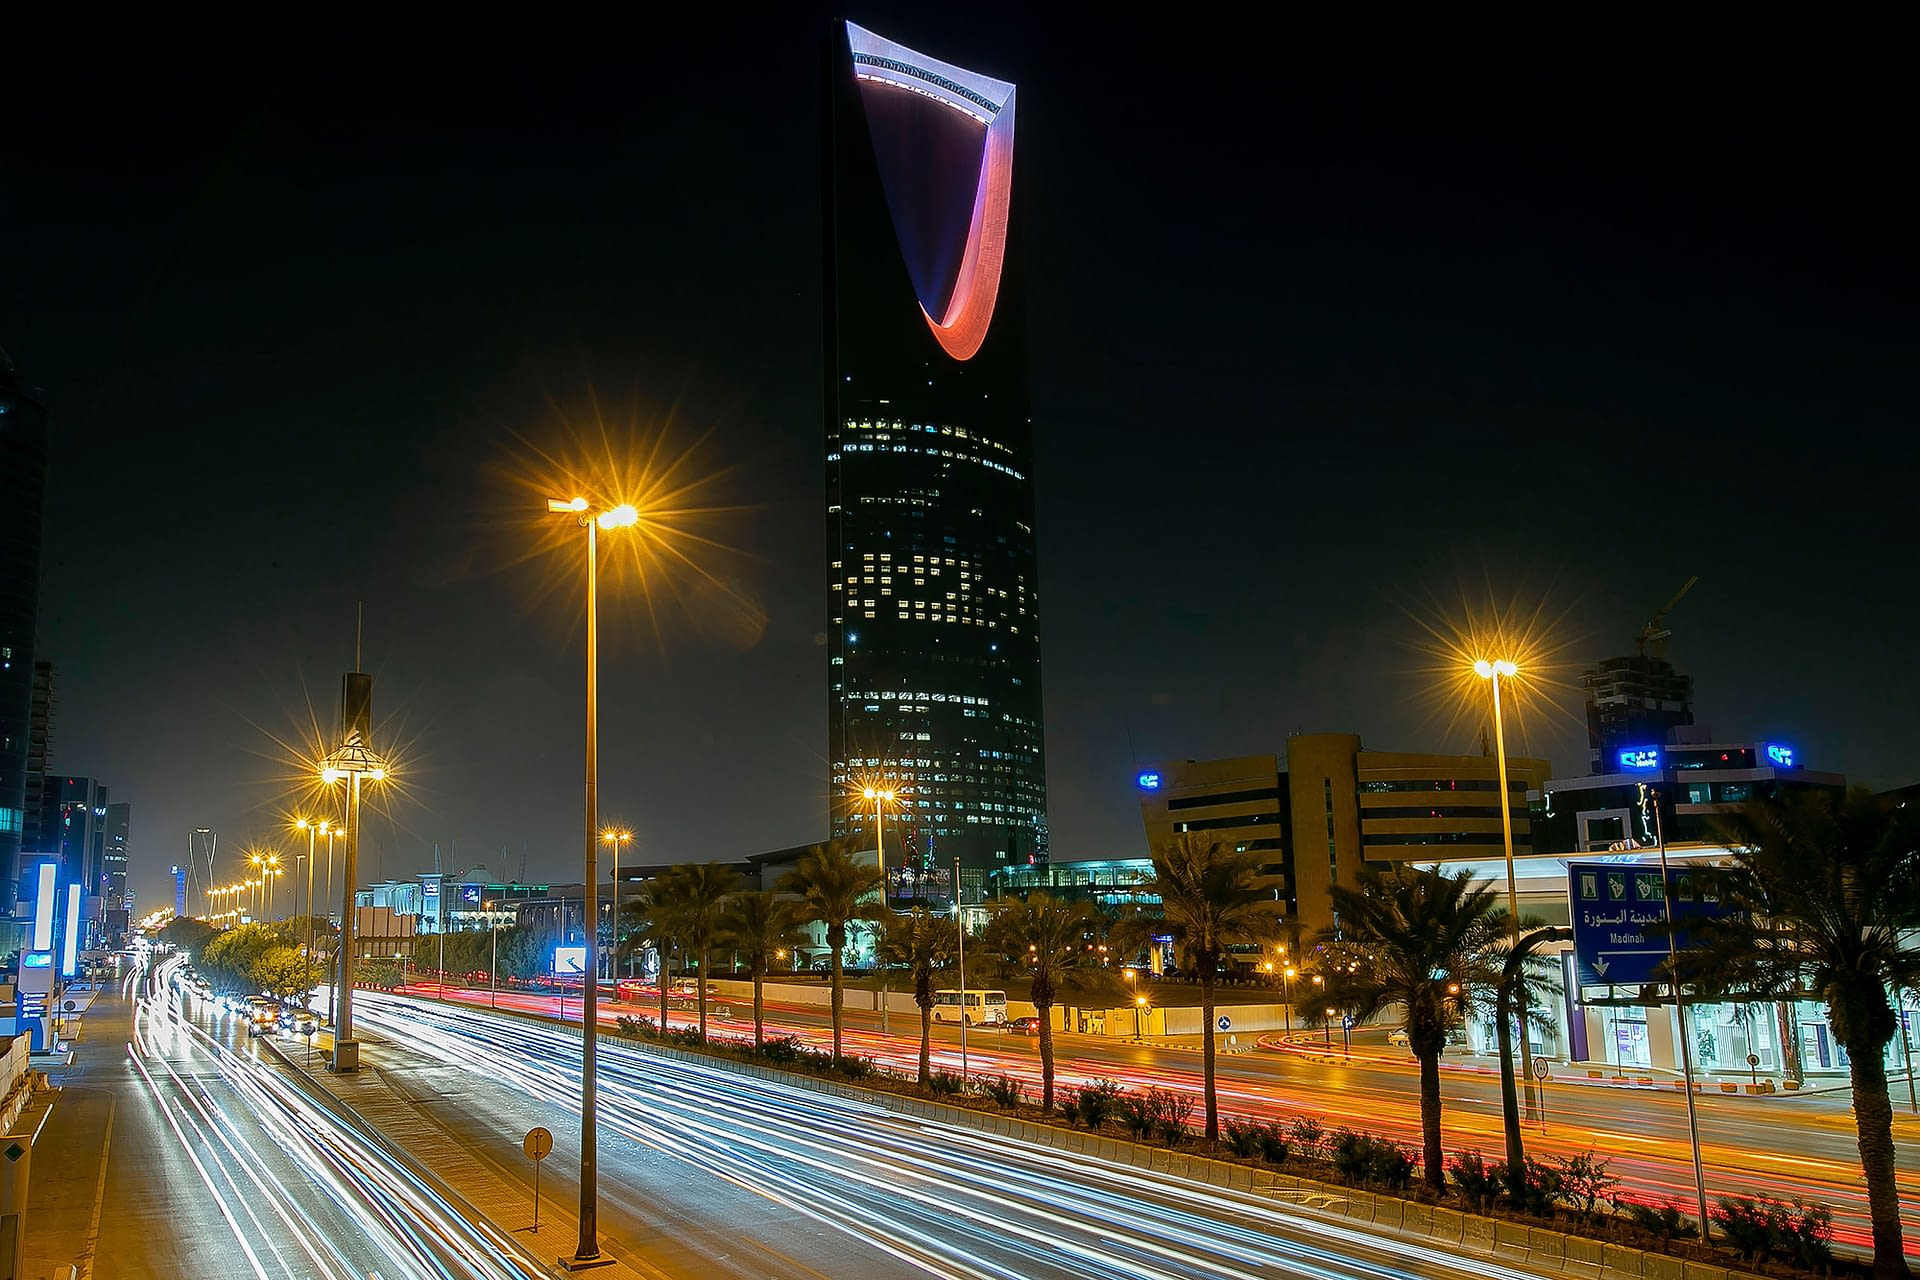 Kingdom Tower, Riyadh, Saudi Arabia by Mohammed Hamad Al-Jandal